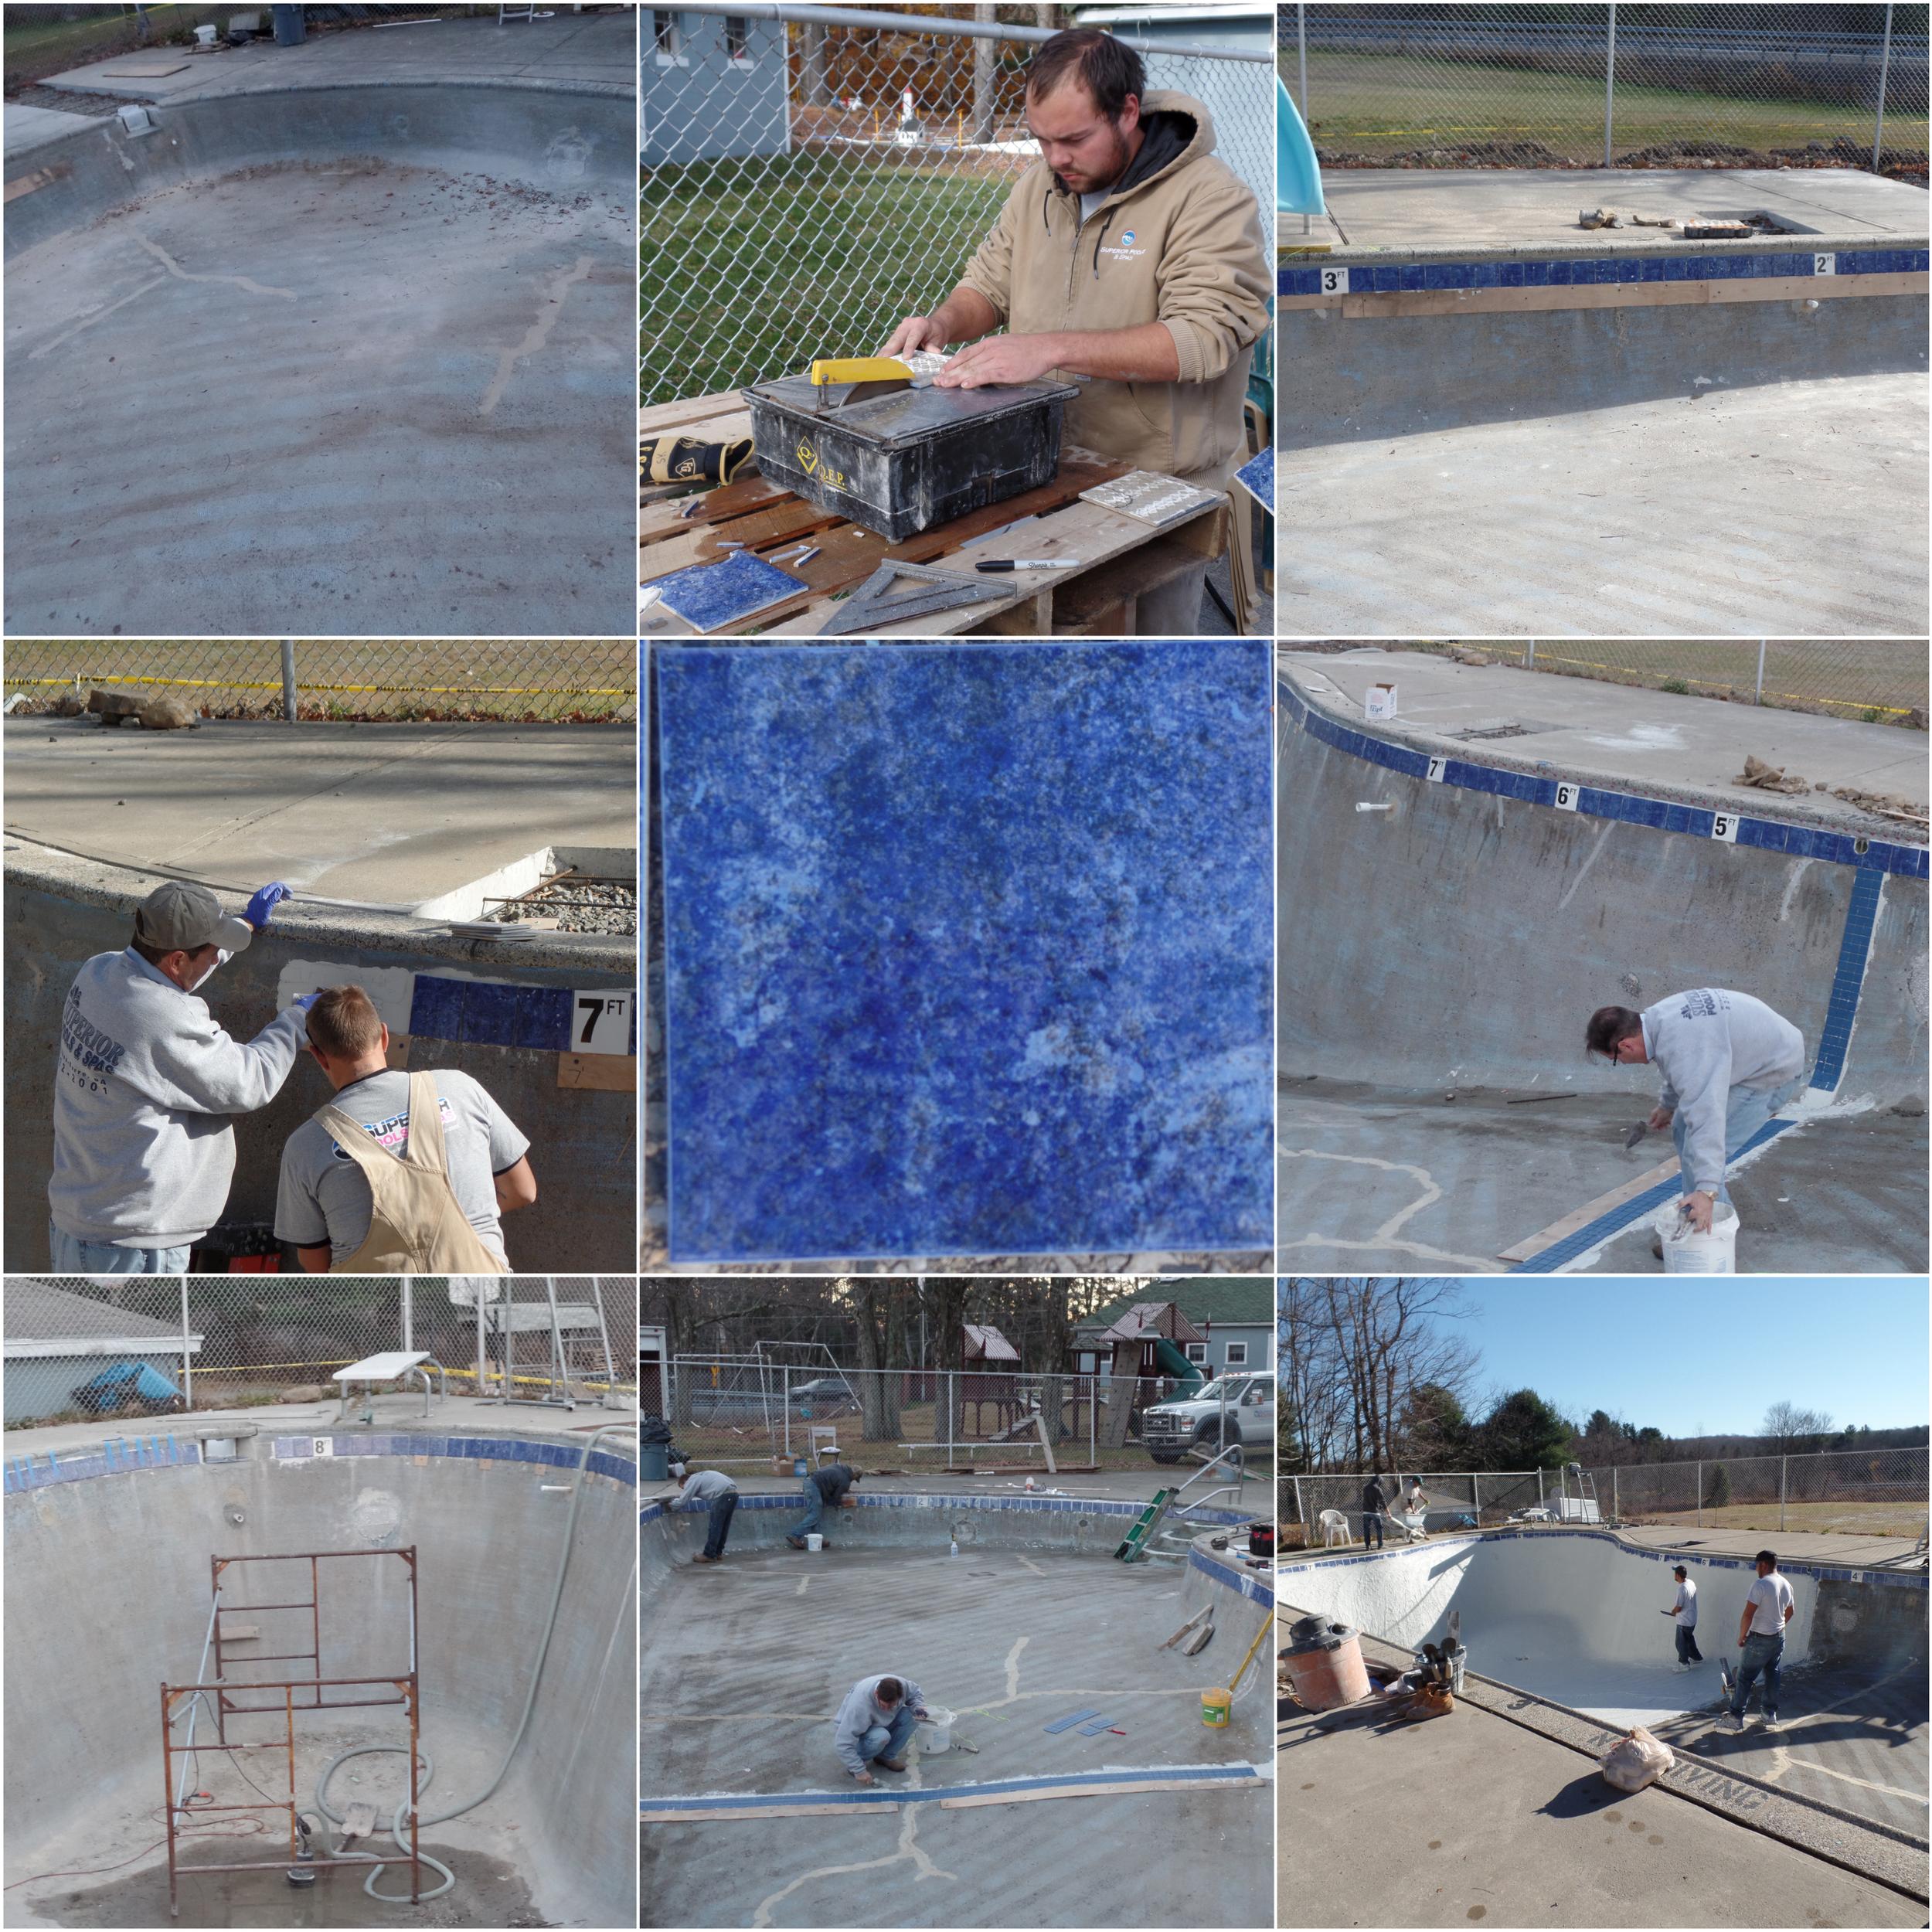 Pool Collage 13.jpg